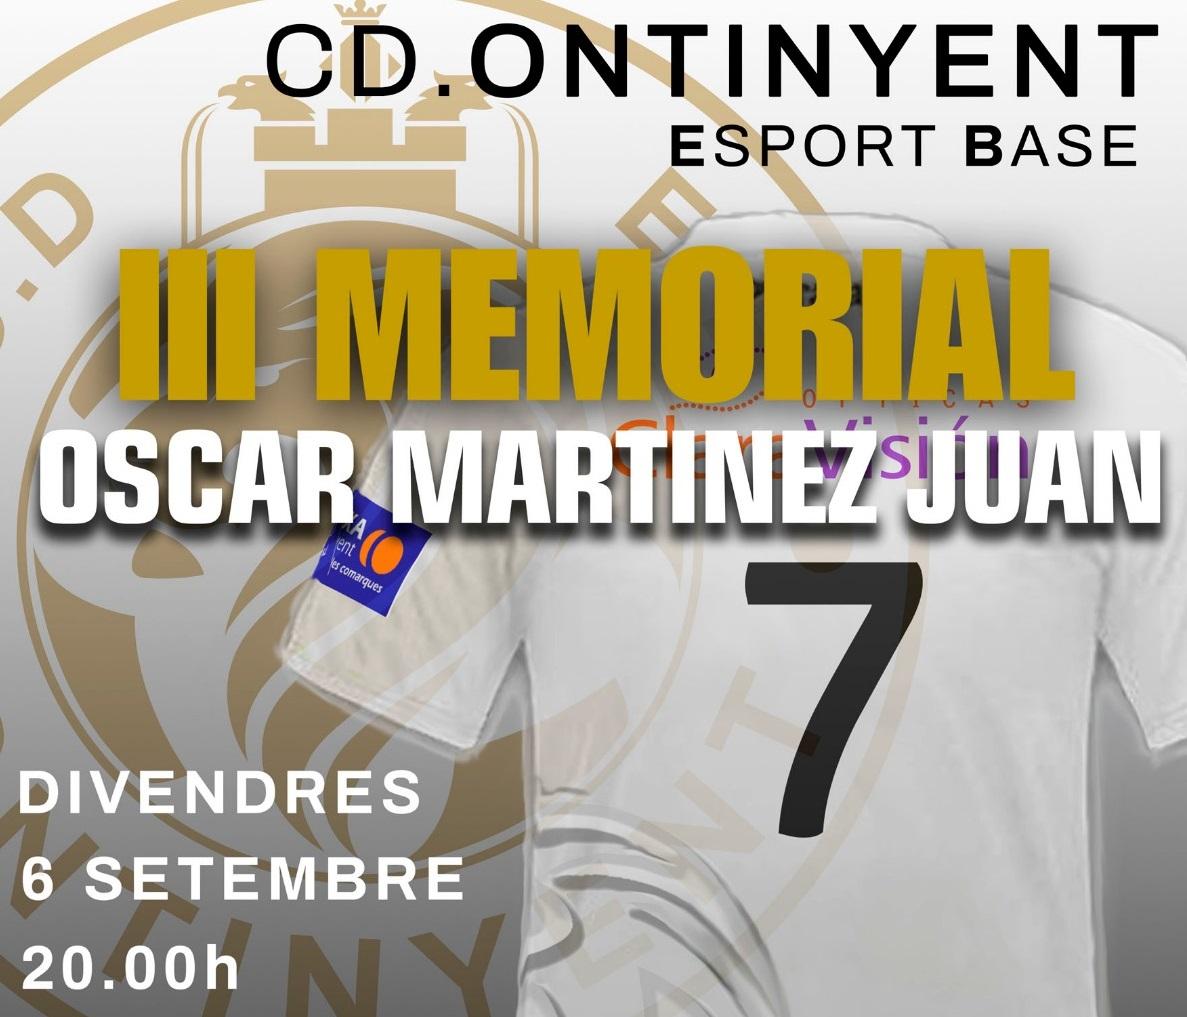 El Clariano acollirà el III Memorial Oscar Martinez